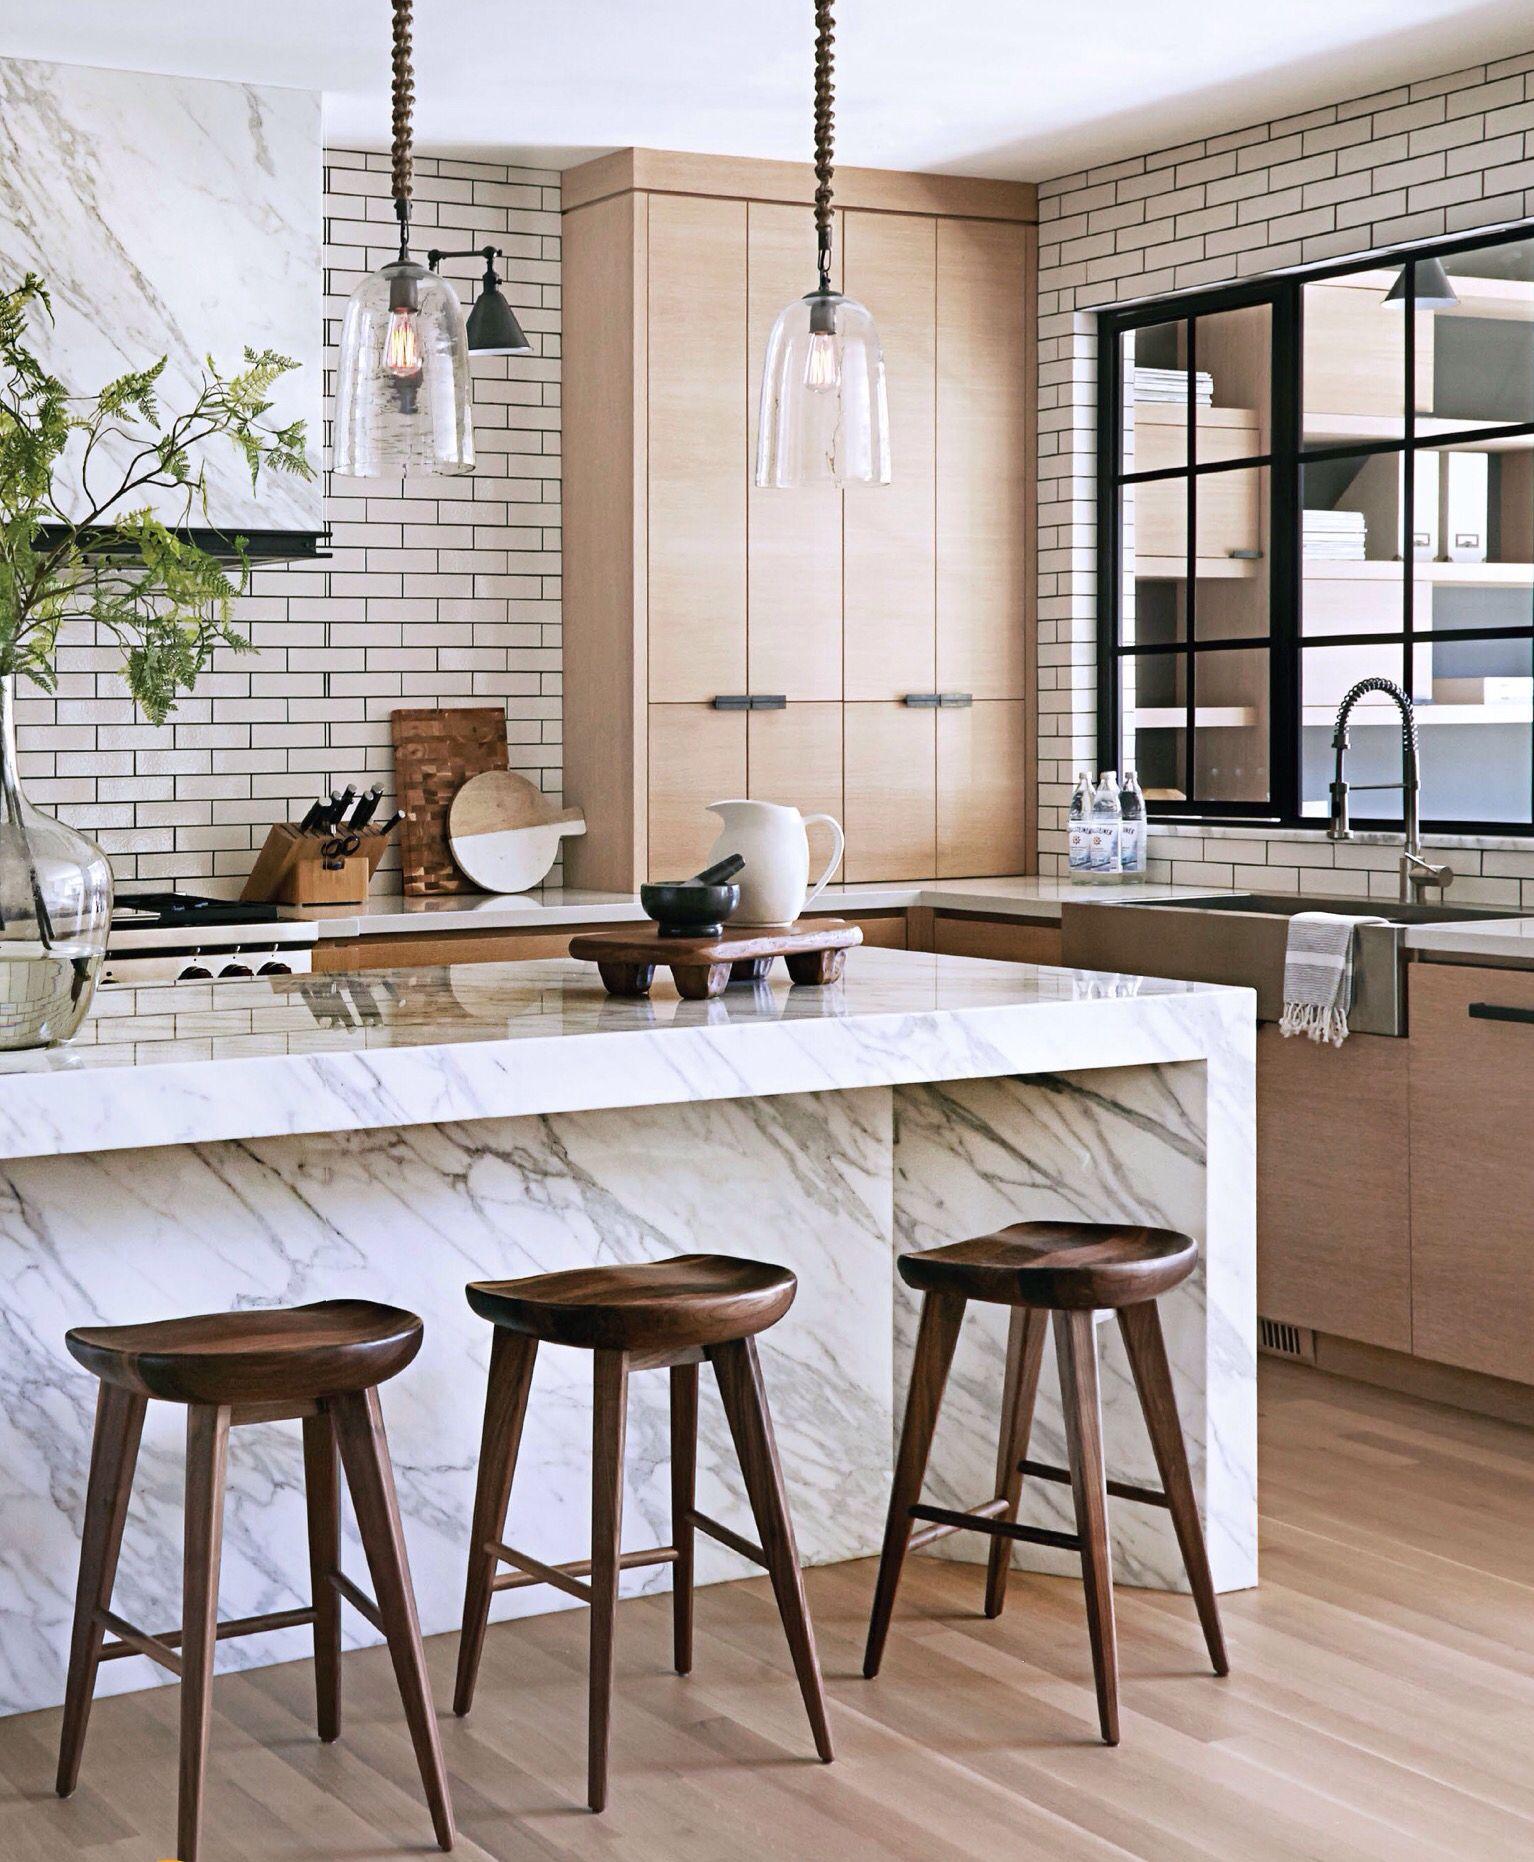 Pin by Heida on Kitchen | Kitchen interior, Modern kitchen ...